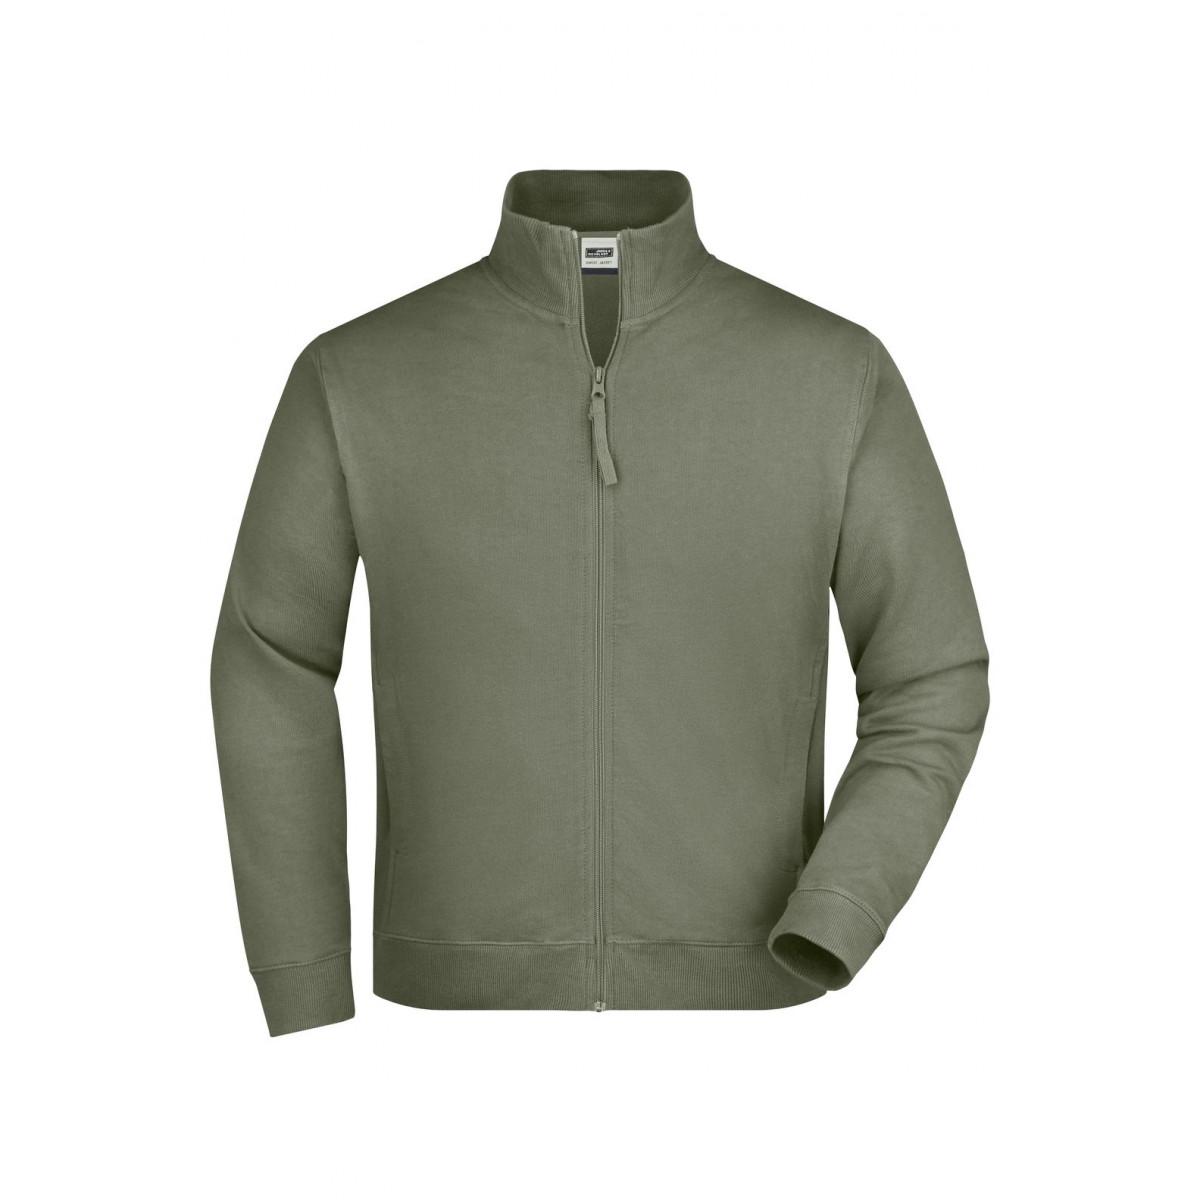 Толстовка мужская JN058 Sweat Jacket - Оливковый